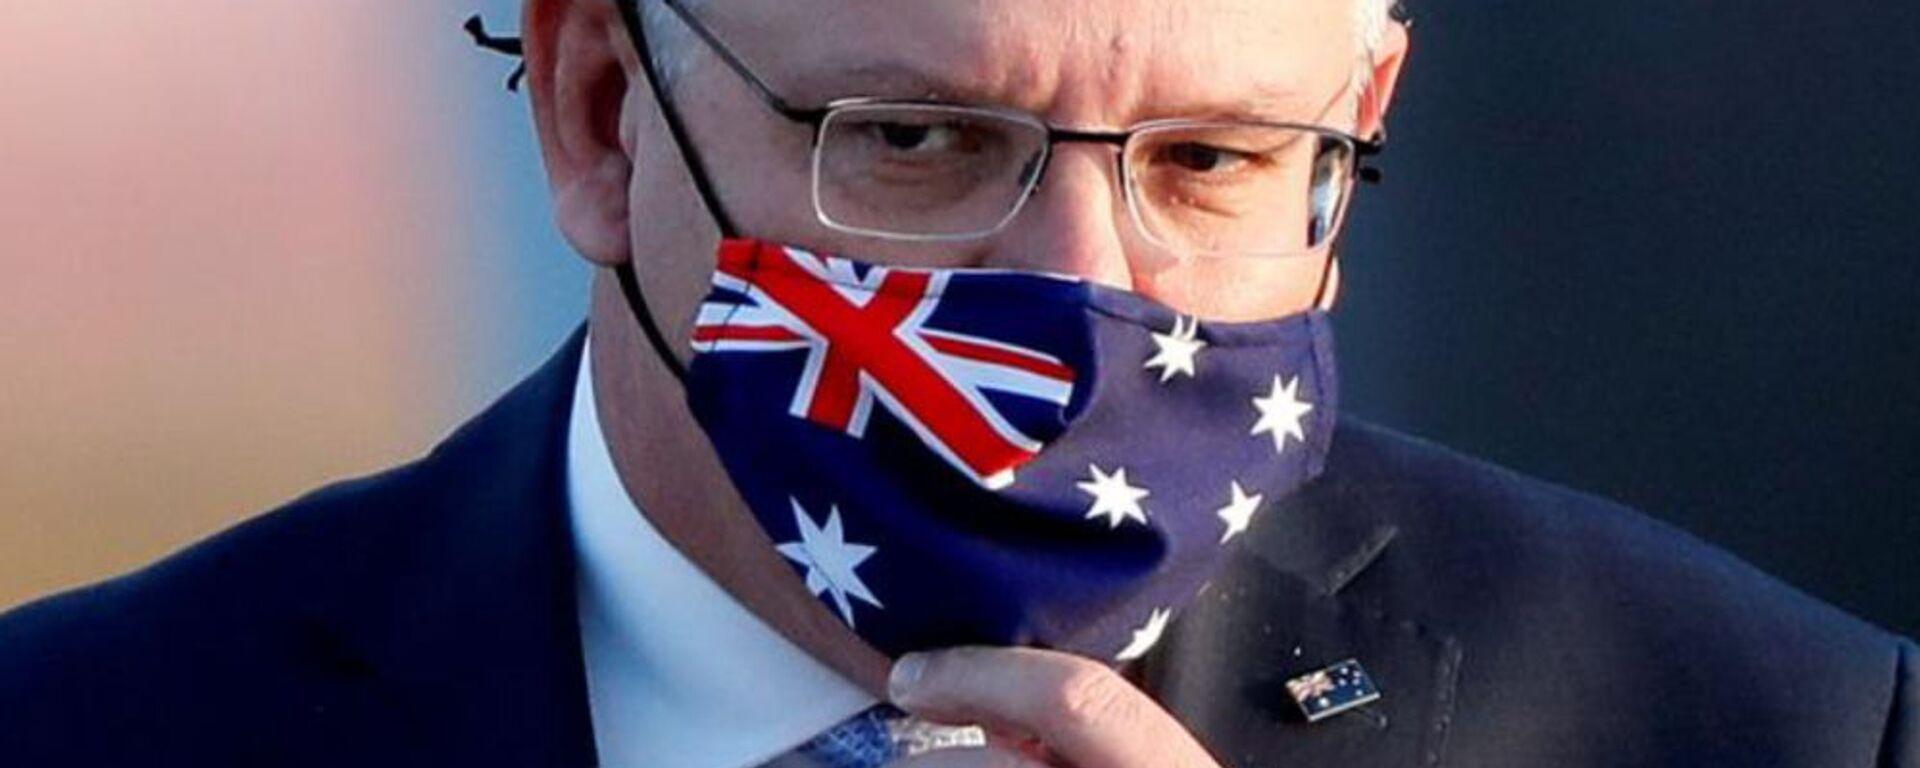 Primo ministro dell'Australia Scott Morrison - Sputnik Italia, 1920, 30.04.2021